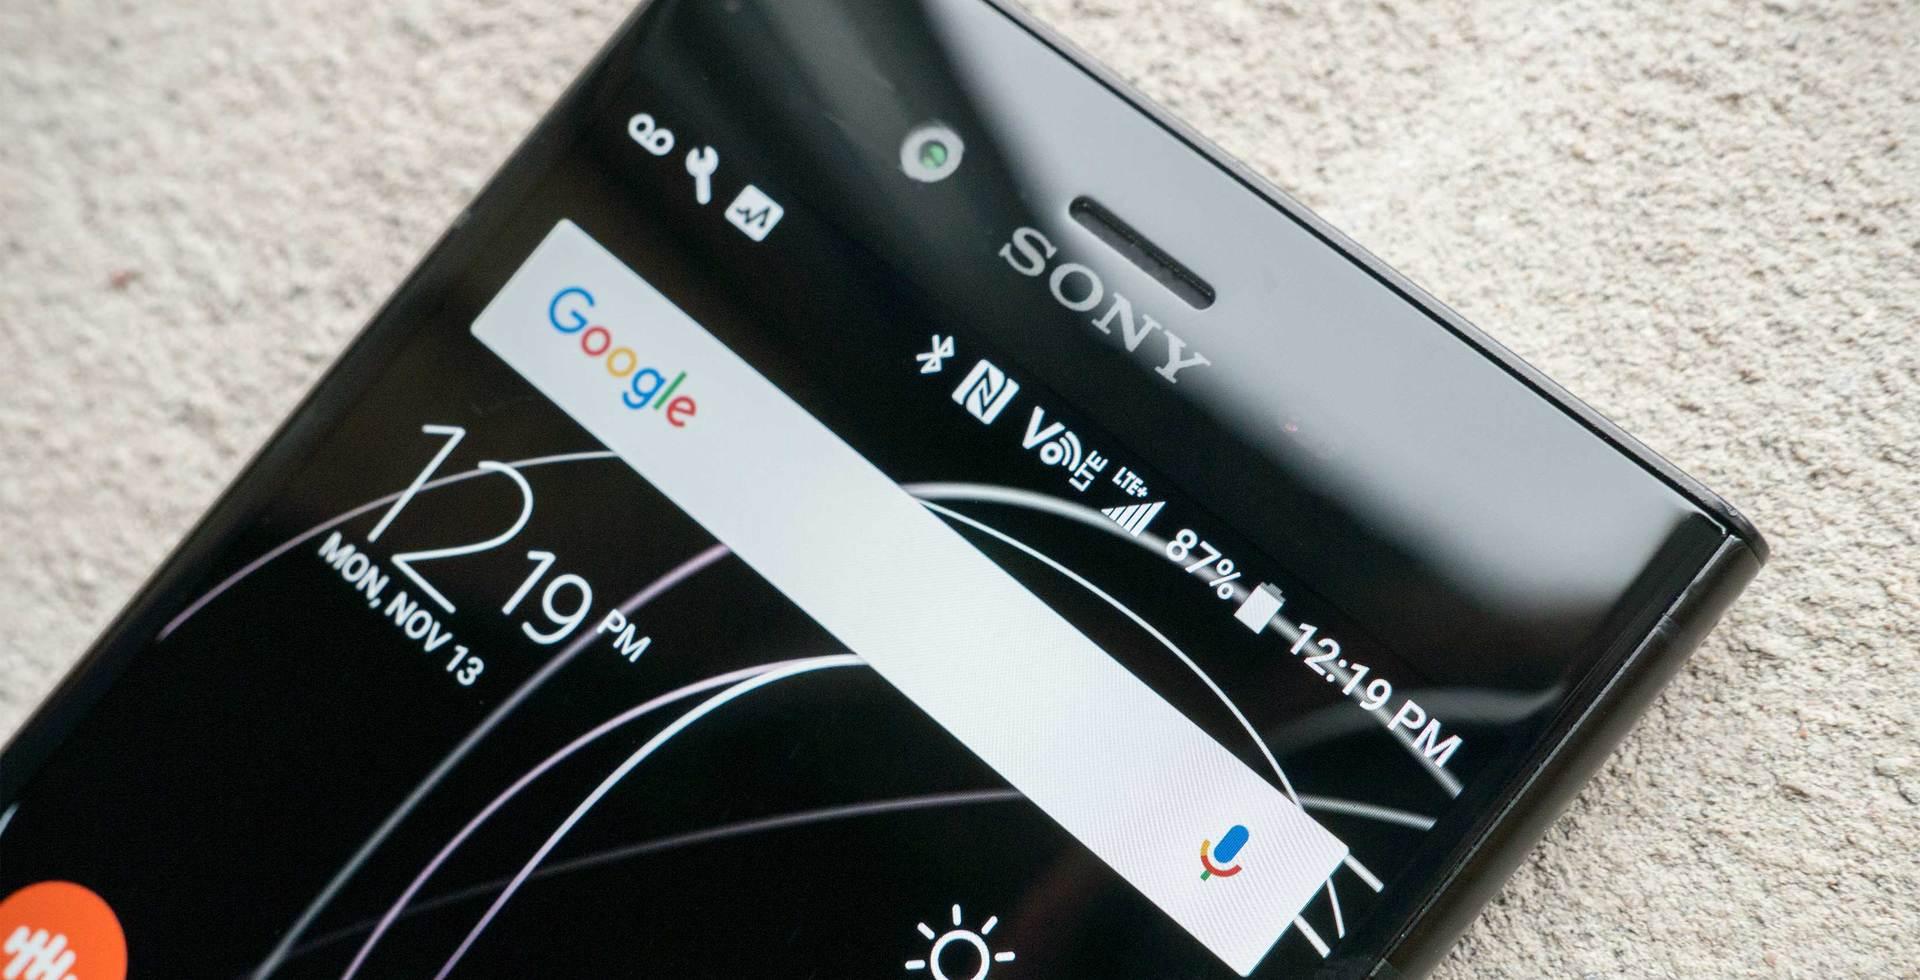 Volte: что это за значок такой в телефоне? как включить/отключить volte?